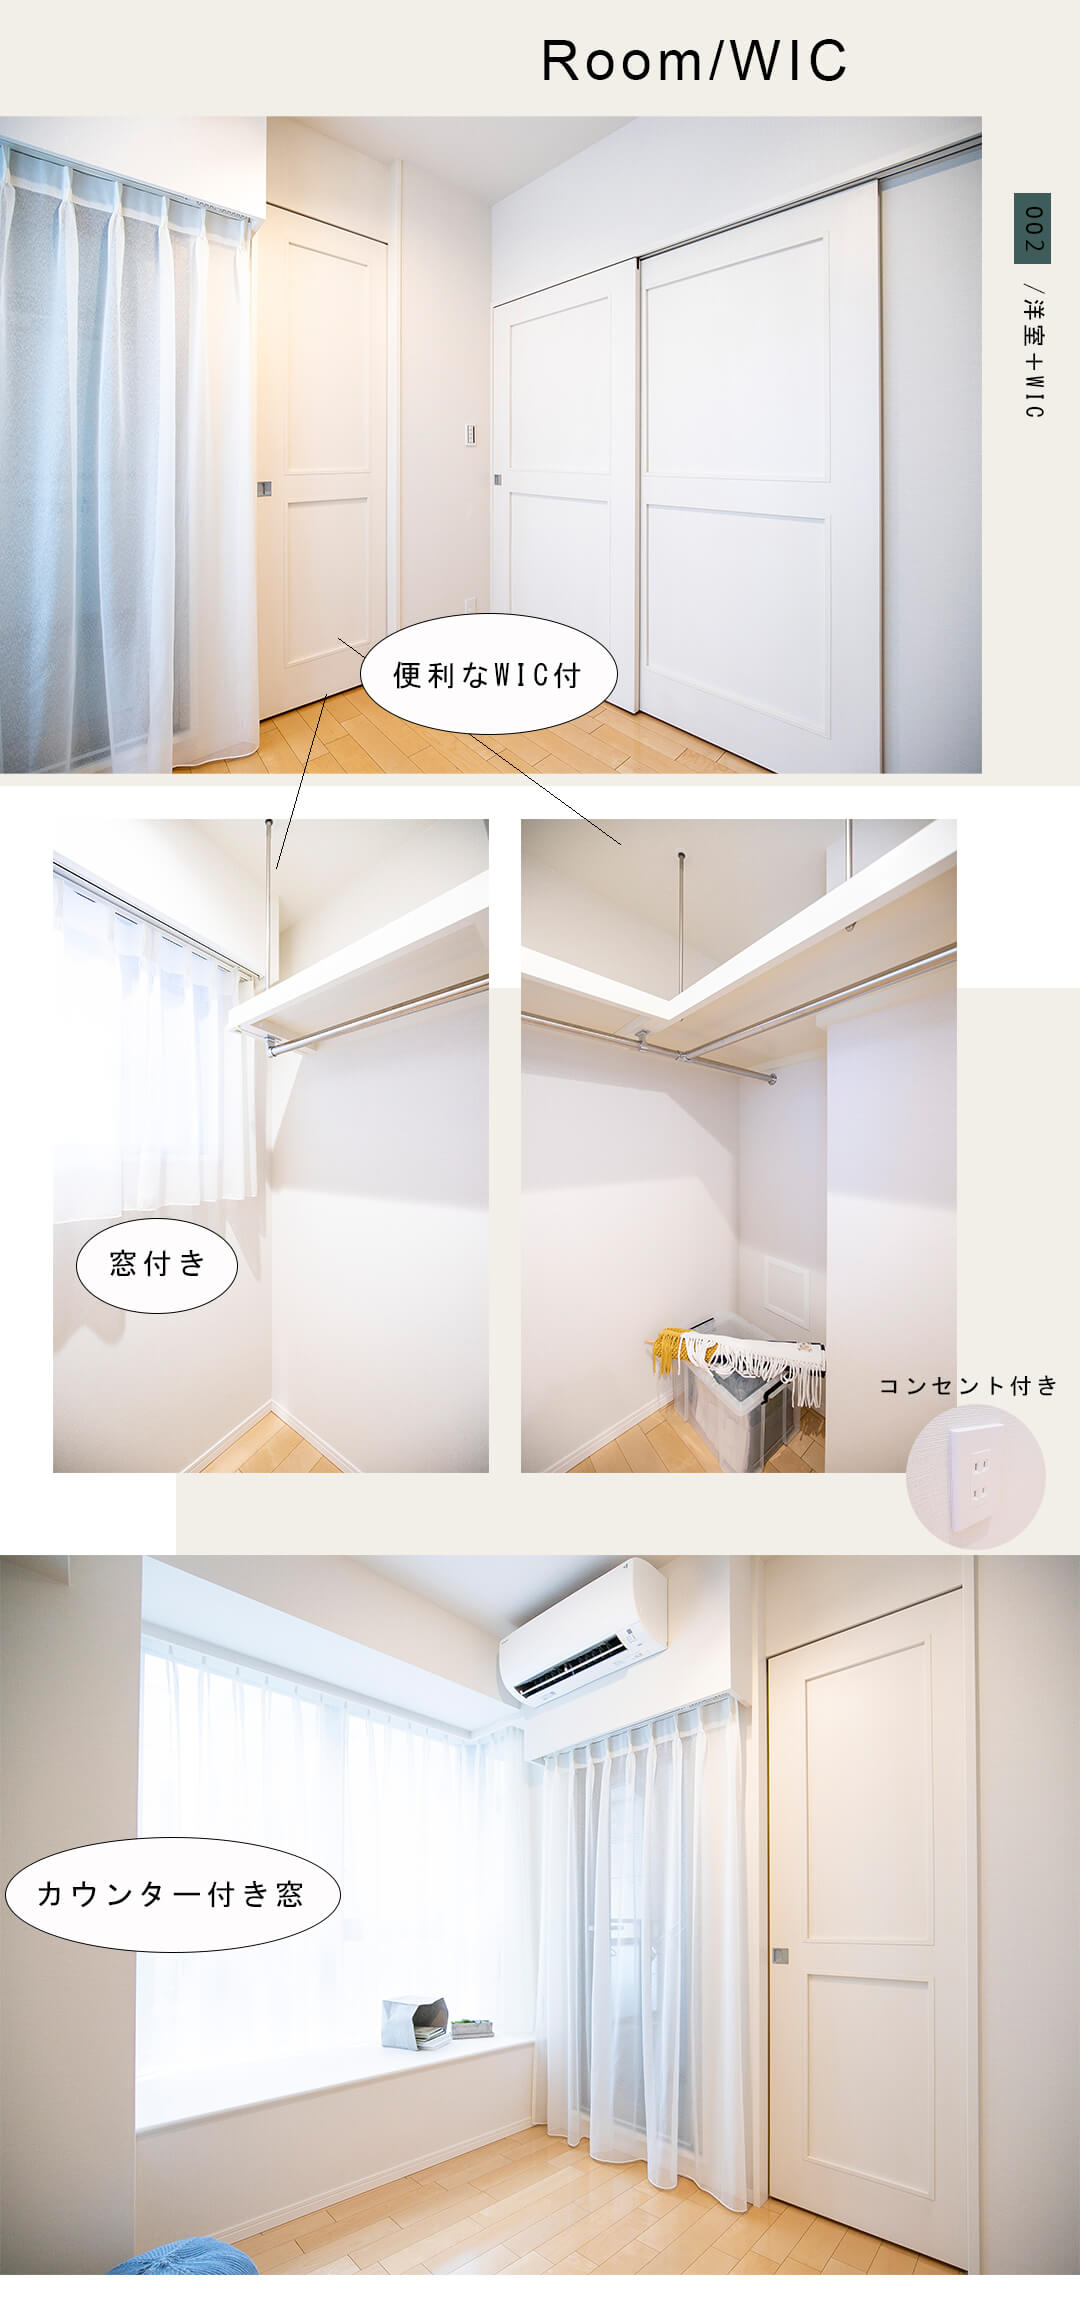 002洋室,Room,WIC